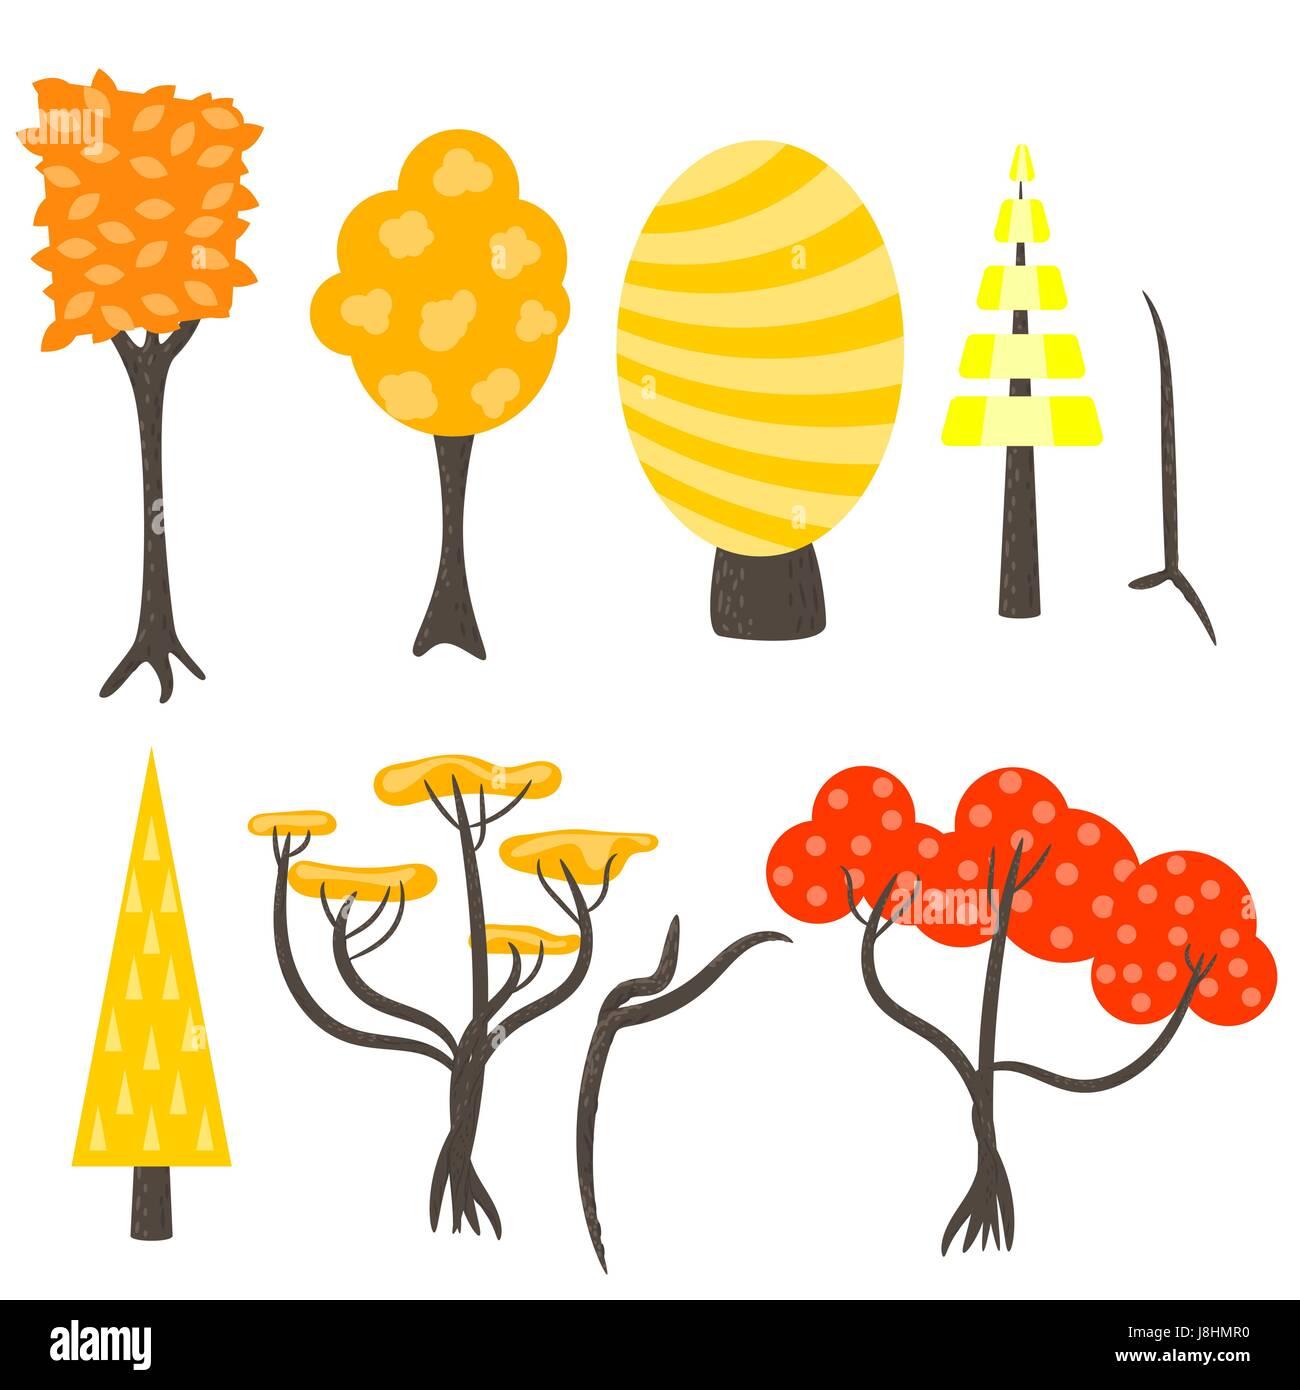 Vektor Baum Clip Kunst Natur Gesetzt Wald Herbst Herbst Gelb Rote Baume Im Flachen Stil Auf Weiss Stock Vektorgrafik Alamy